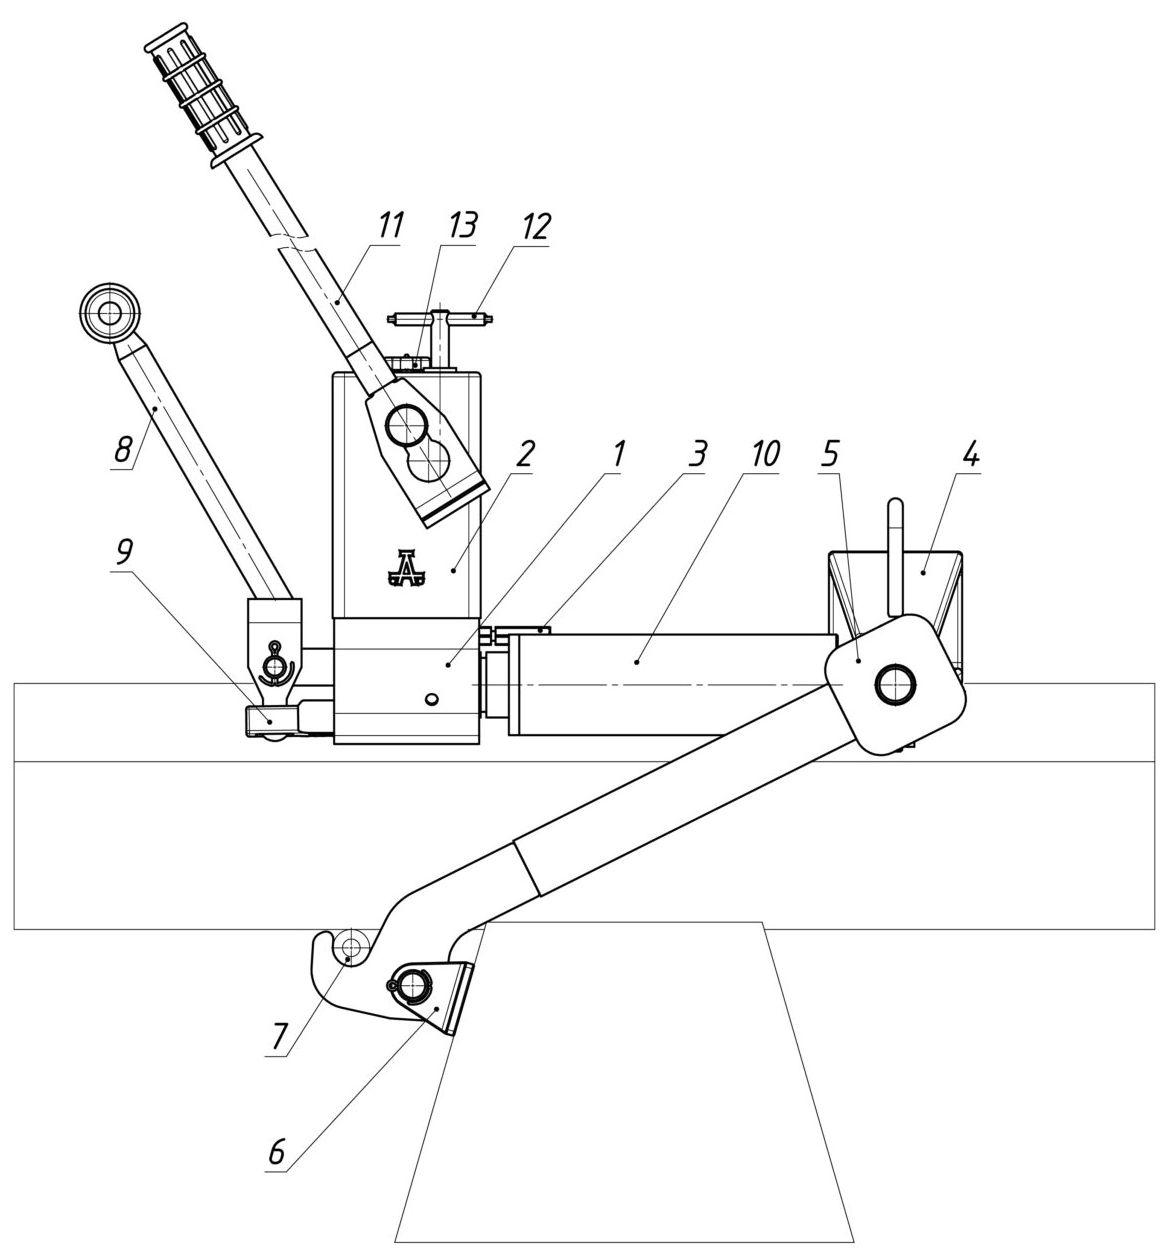 Шпалоперегонщик универсальный ШПГР-10 в режиме перегонки шпал